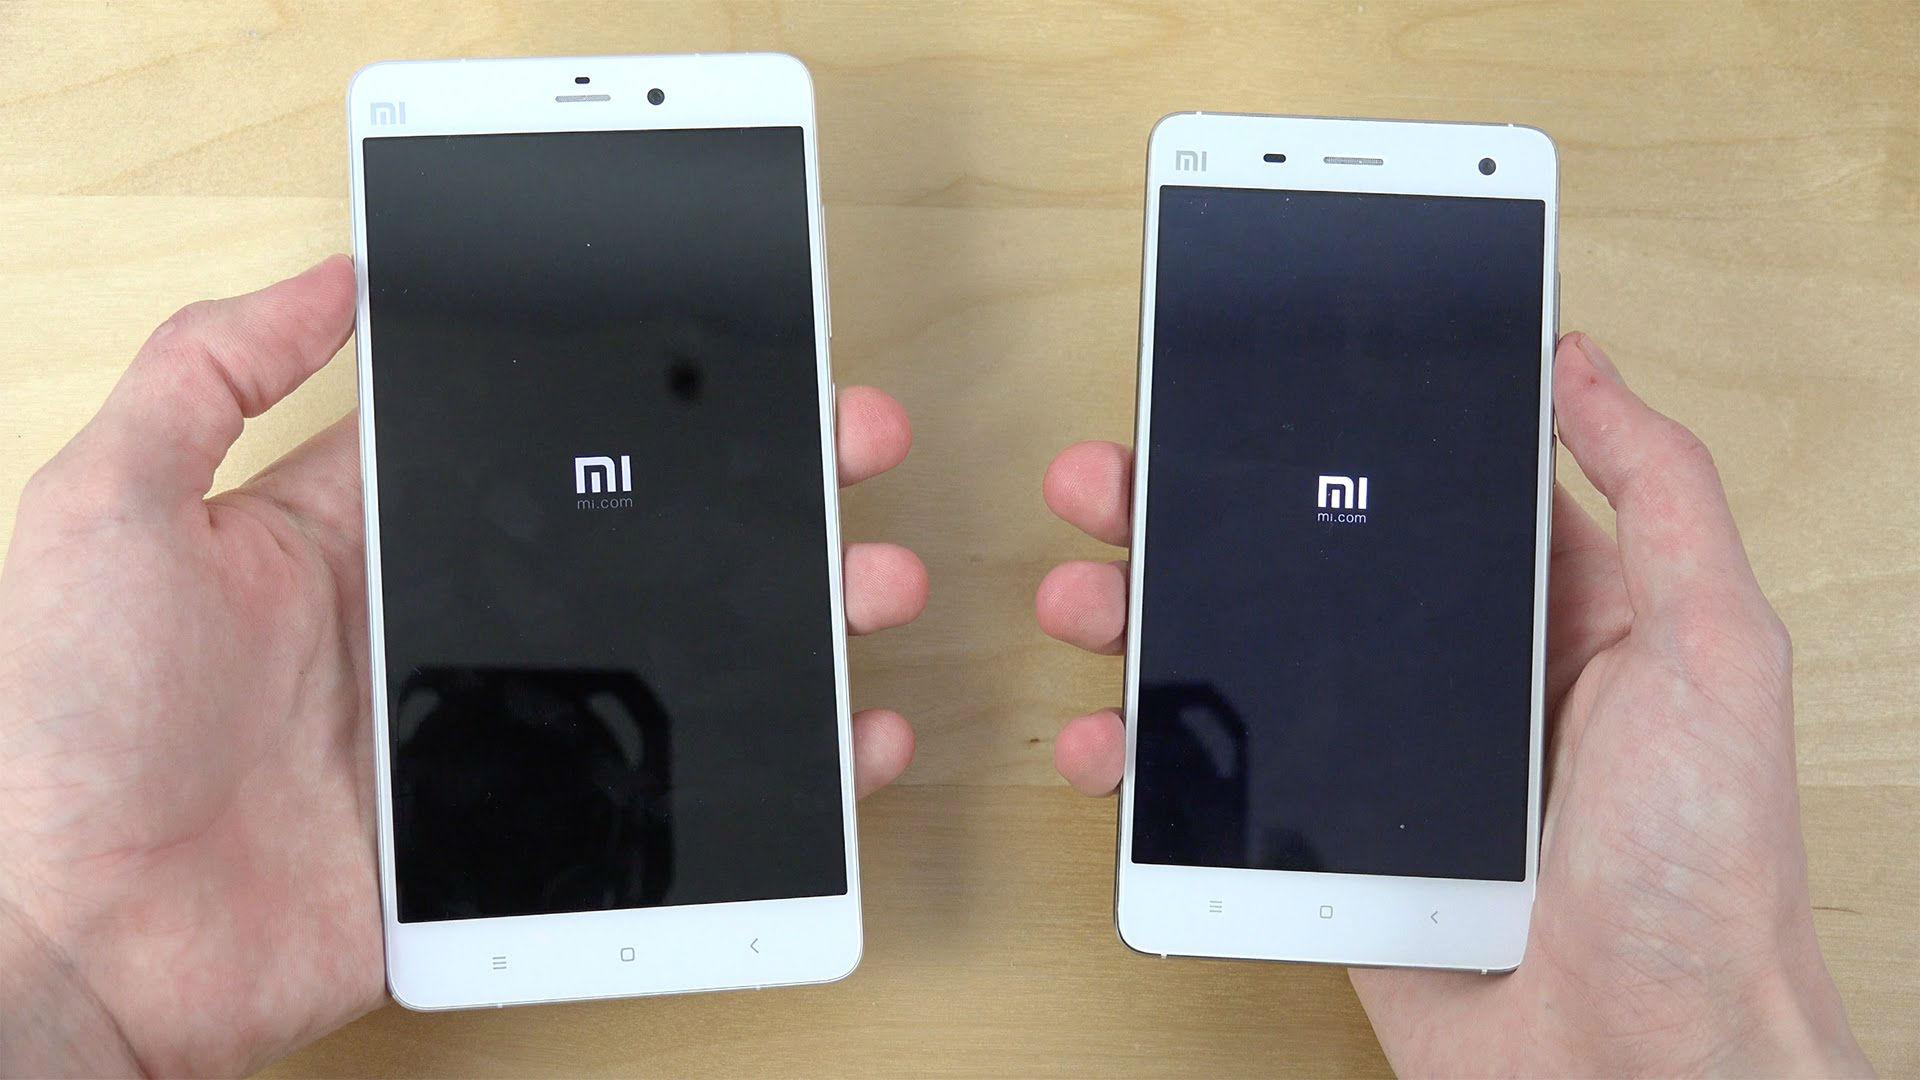 Mi 4 and Mi Note - The TeCake